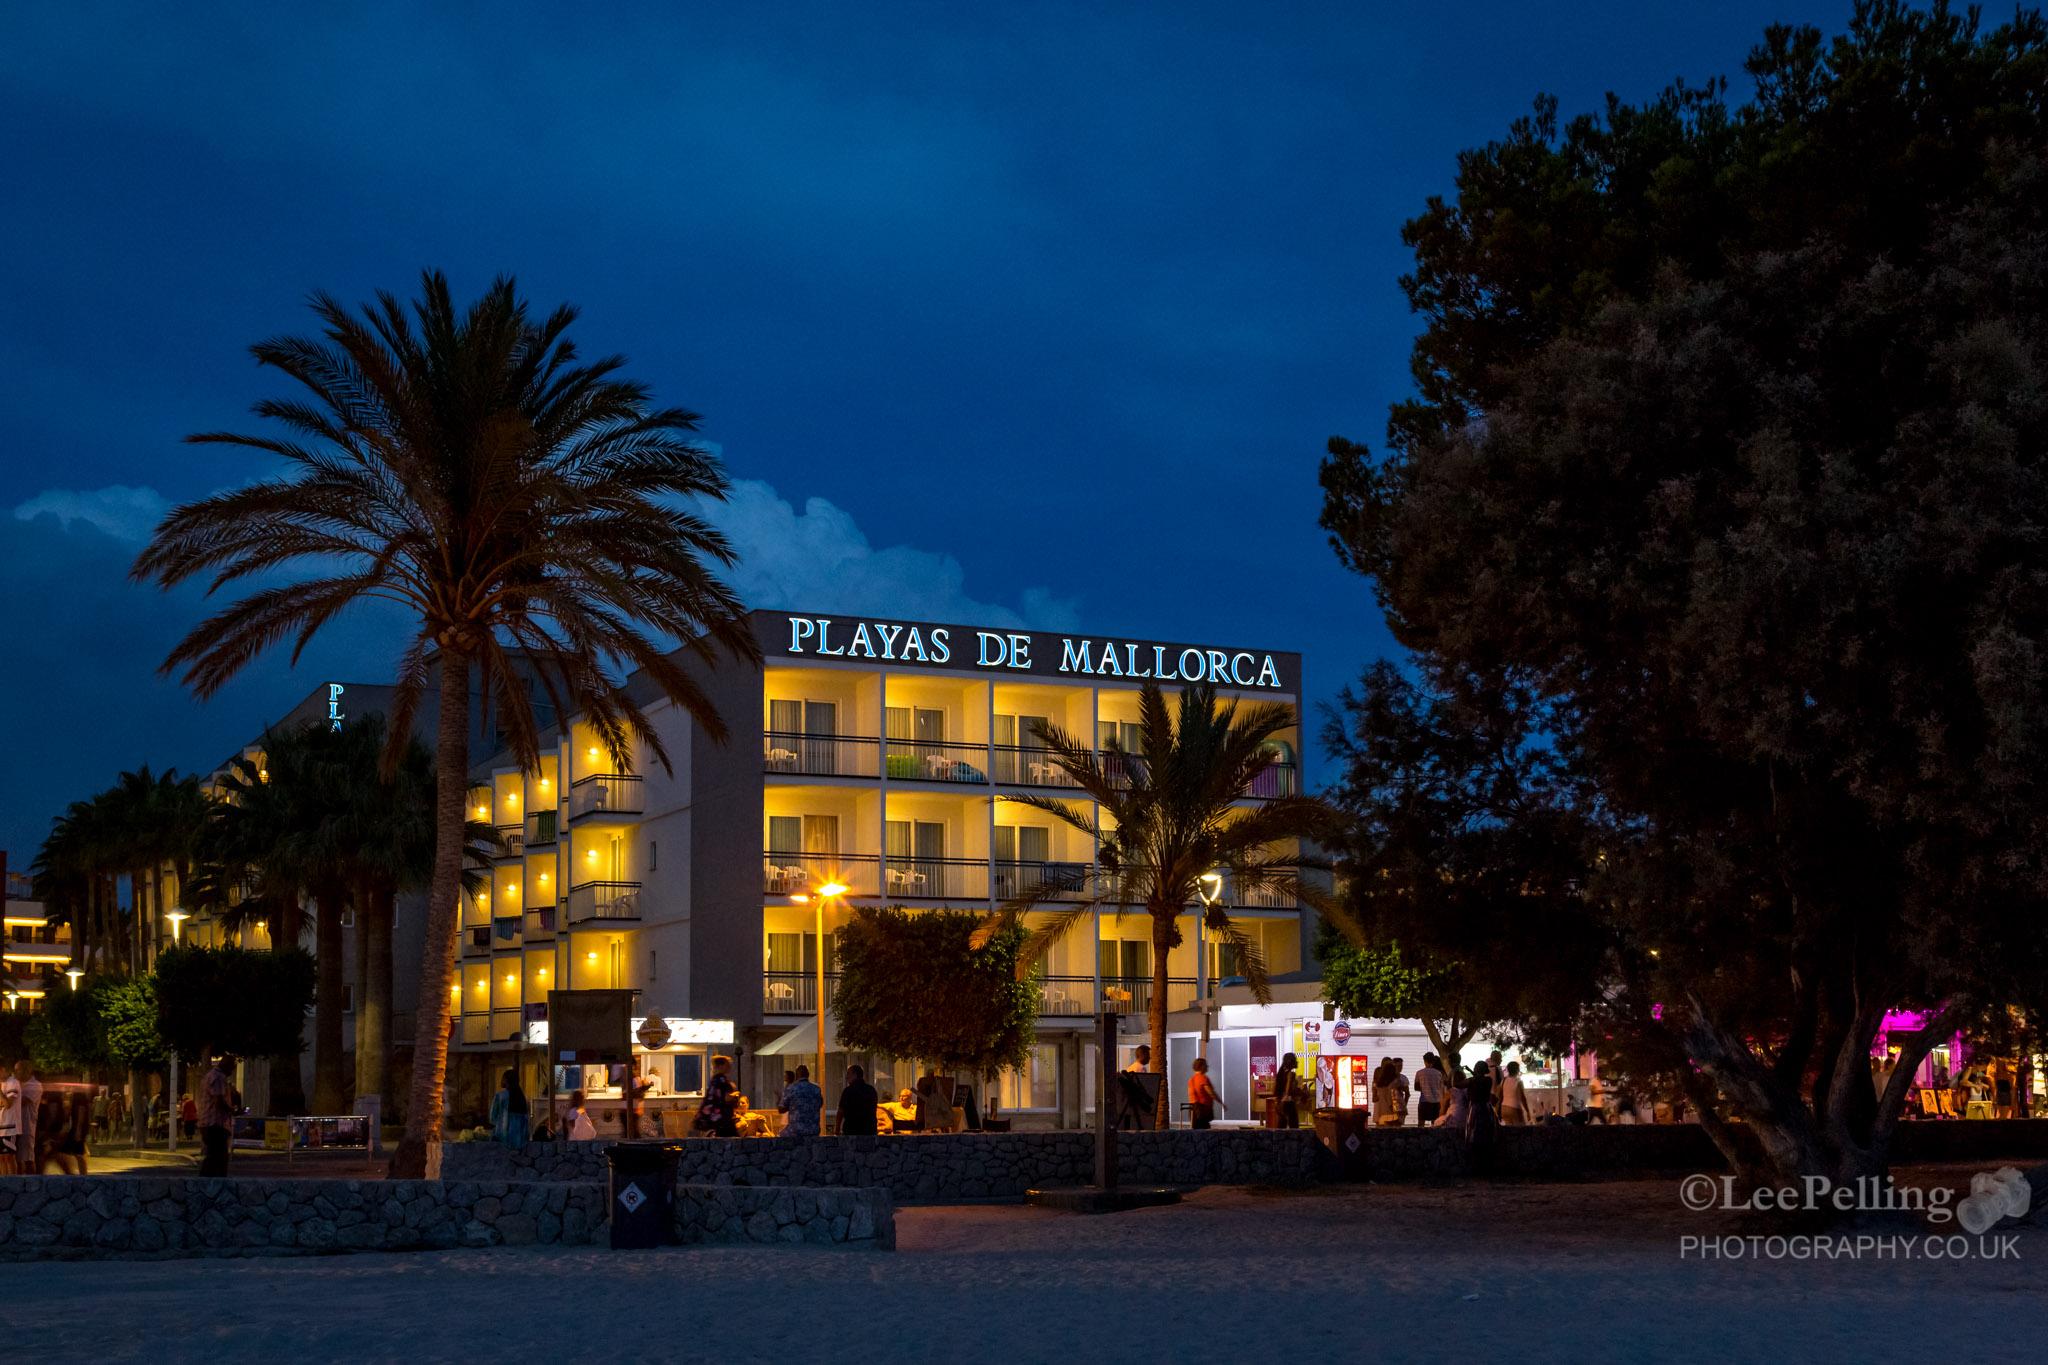 H10 Playas De Mallorca Hotel, Santa Ponsa